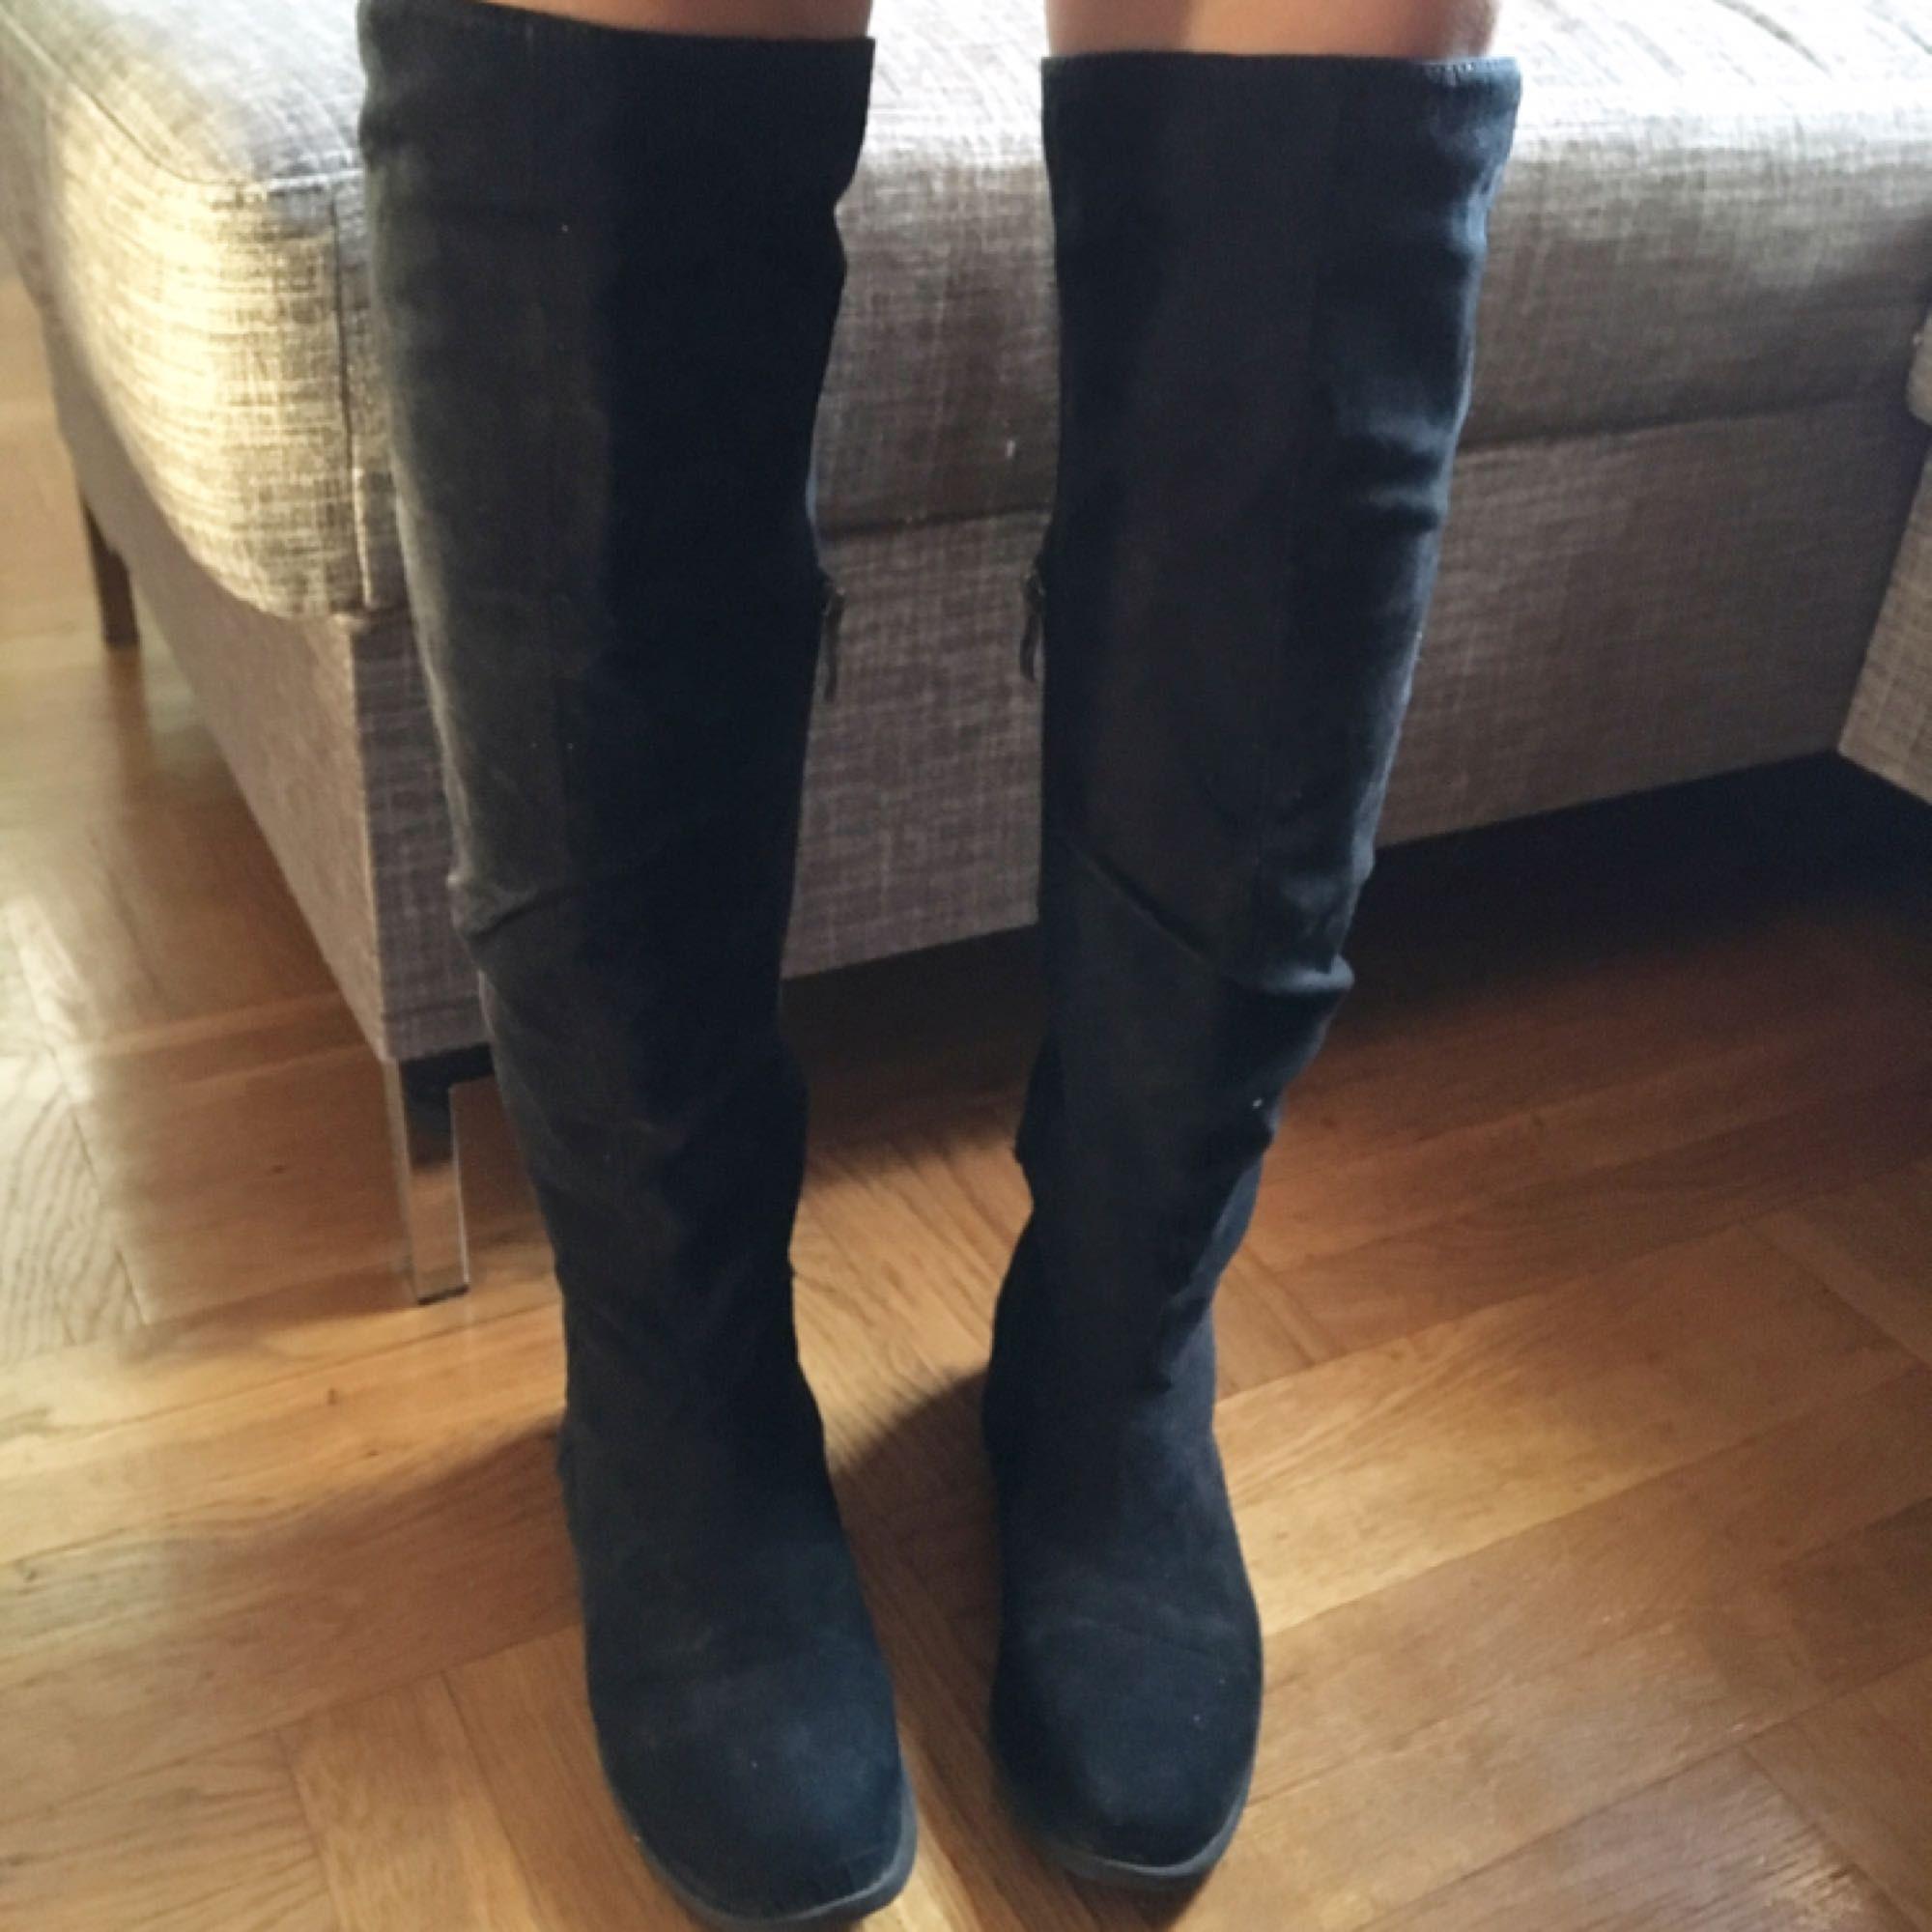 fefaf52710f Overknee boots utan klack. Super skön till vardags. Svårt att ta rättvisa  bilder men ...